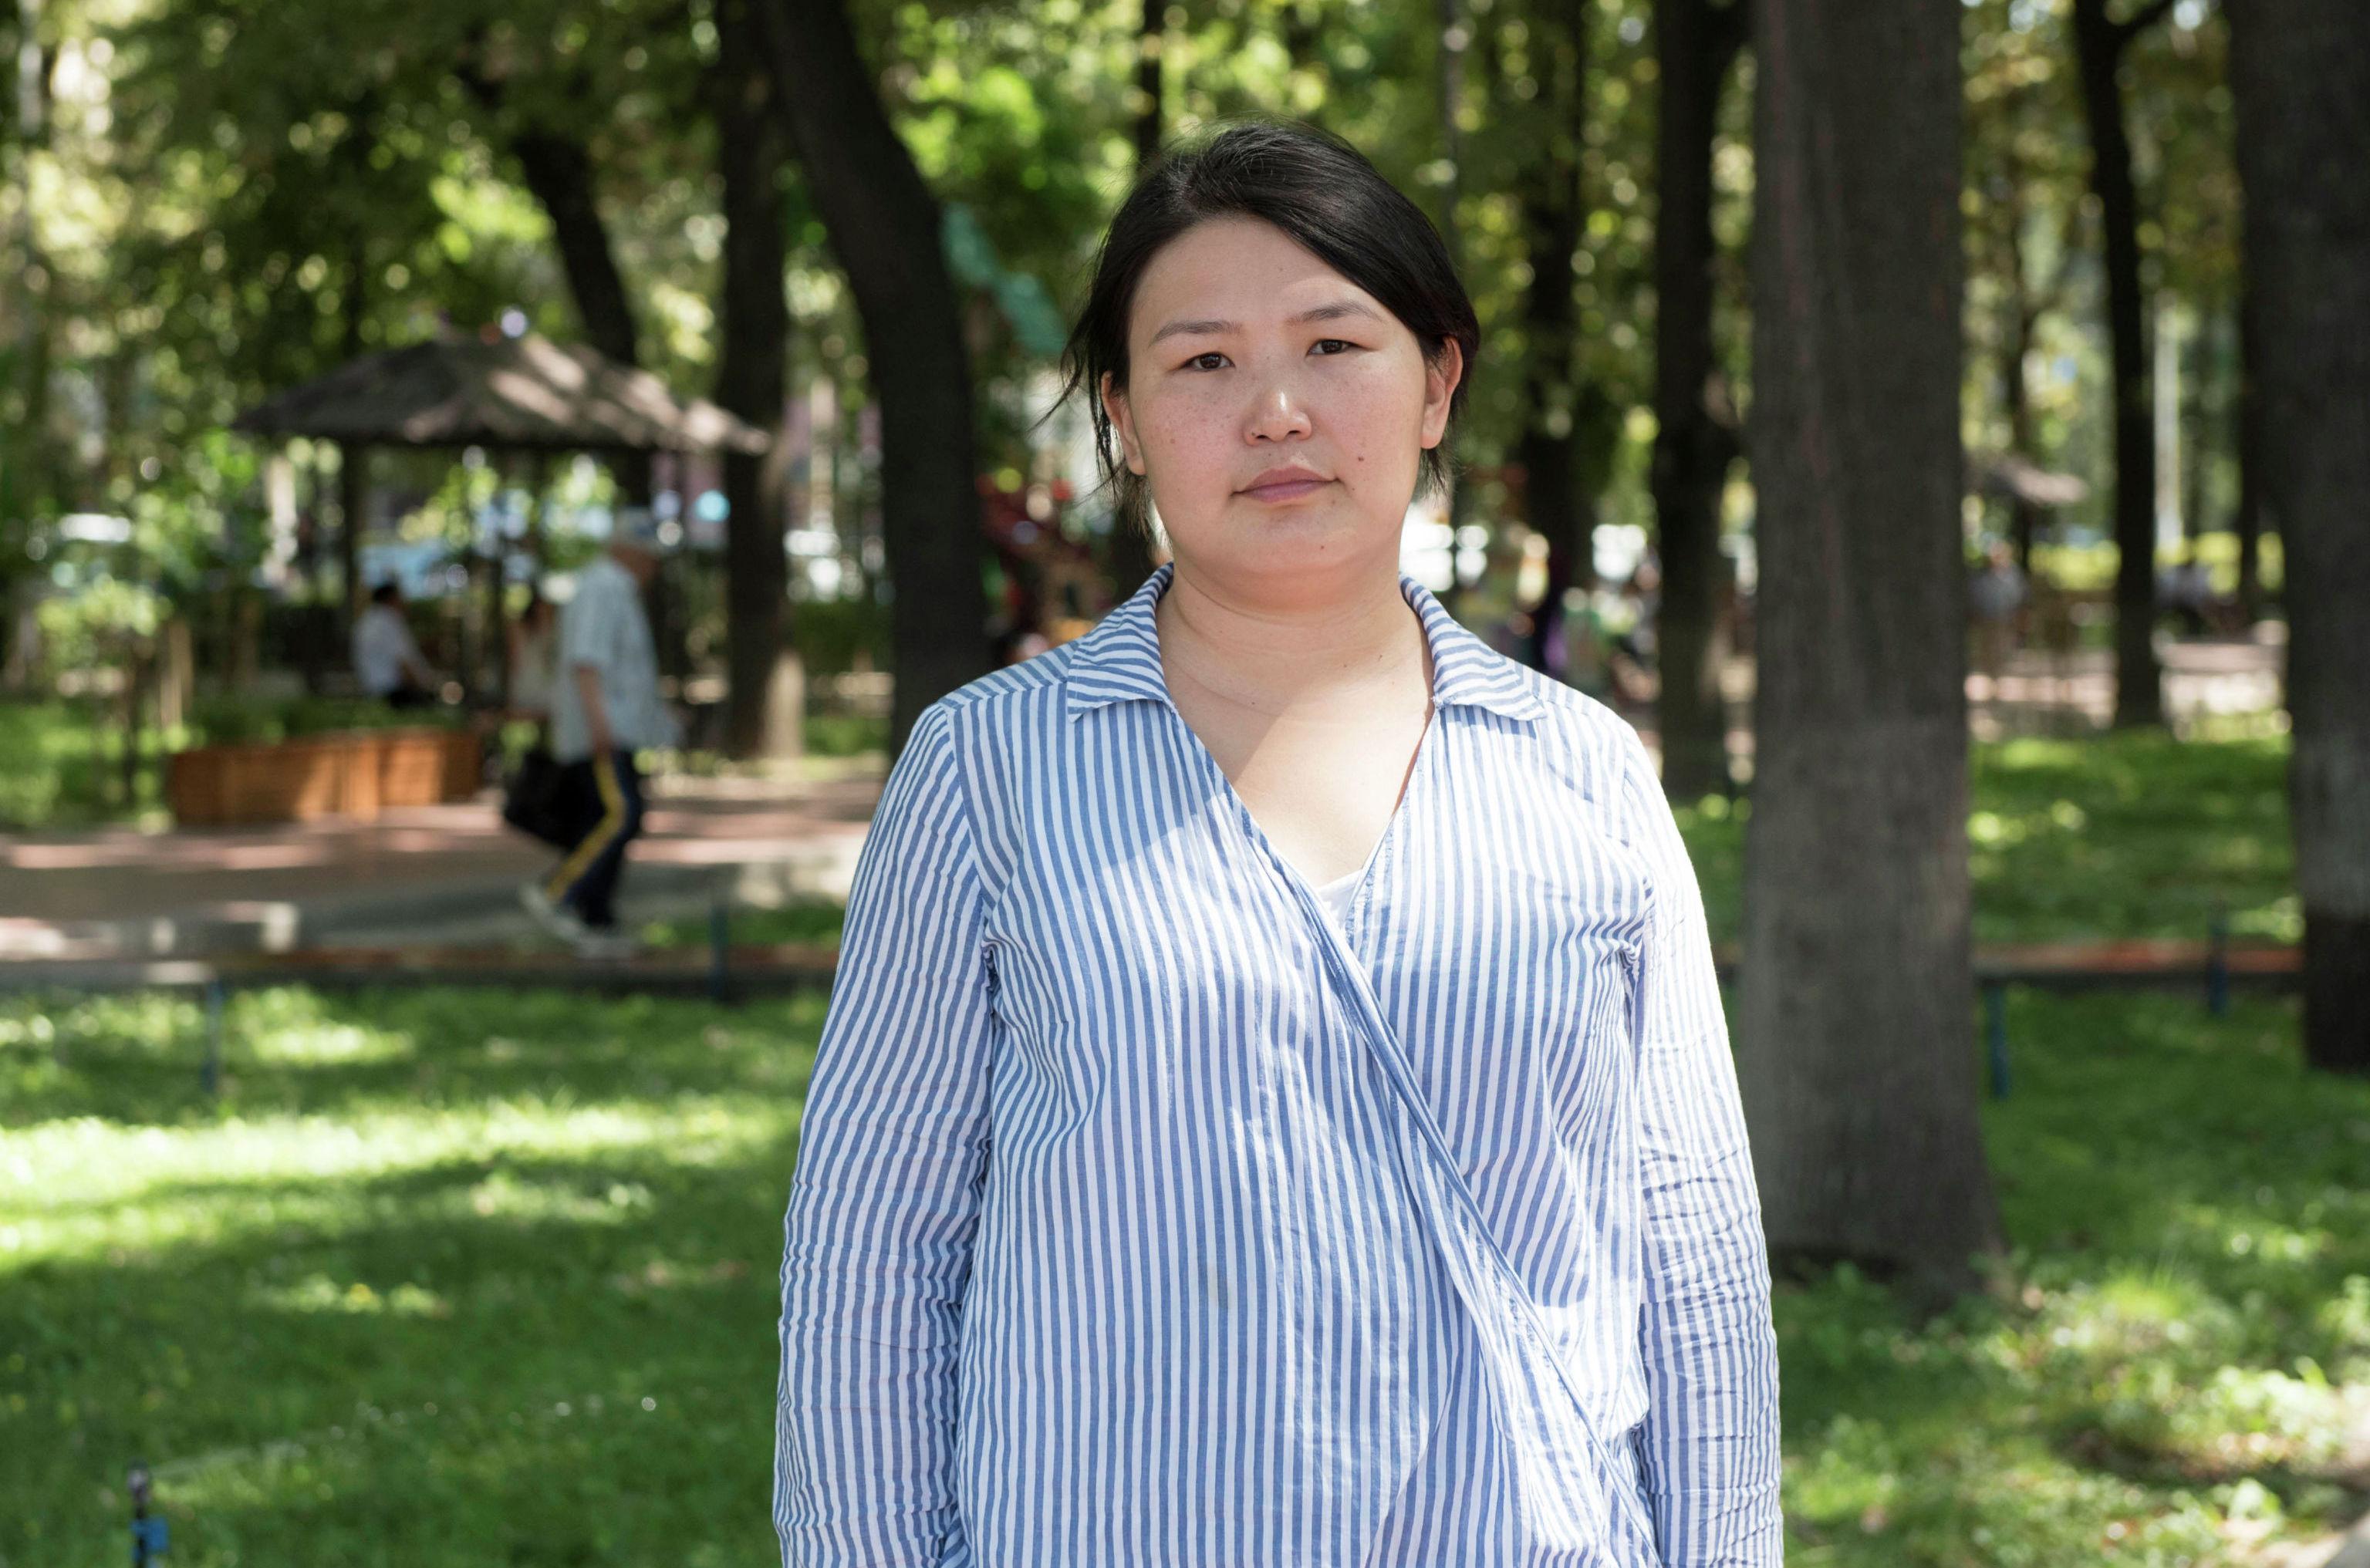 Общественный деятель Жылдыз Осмонова во время беседы на радио Sputnik Кыргызстан